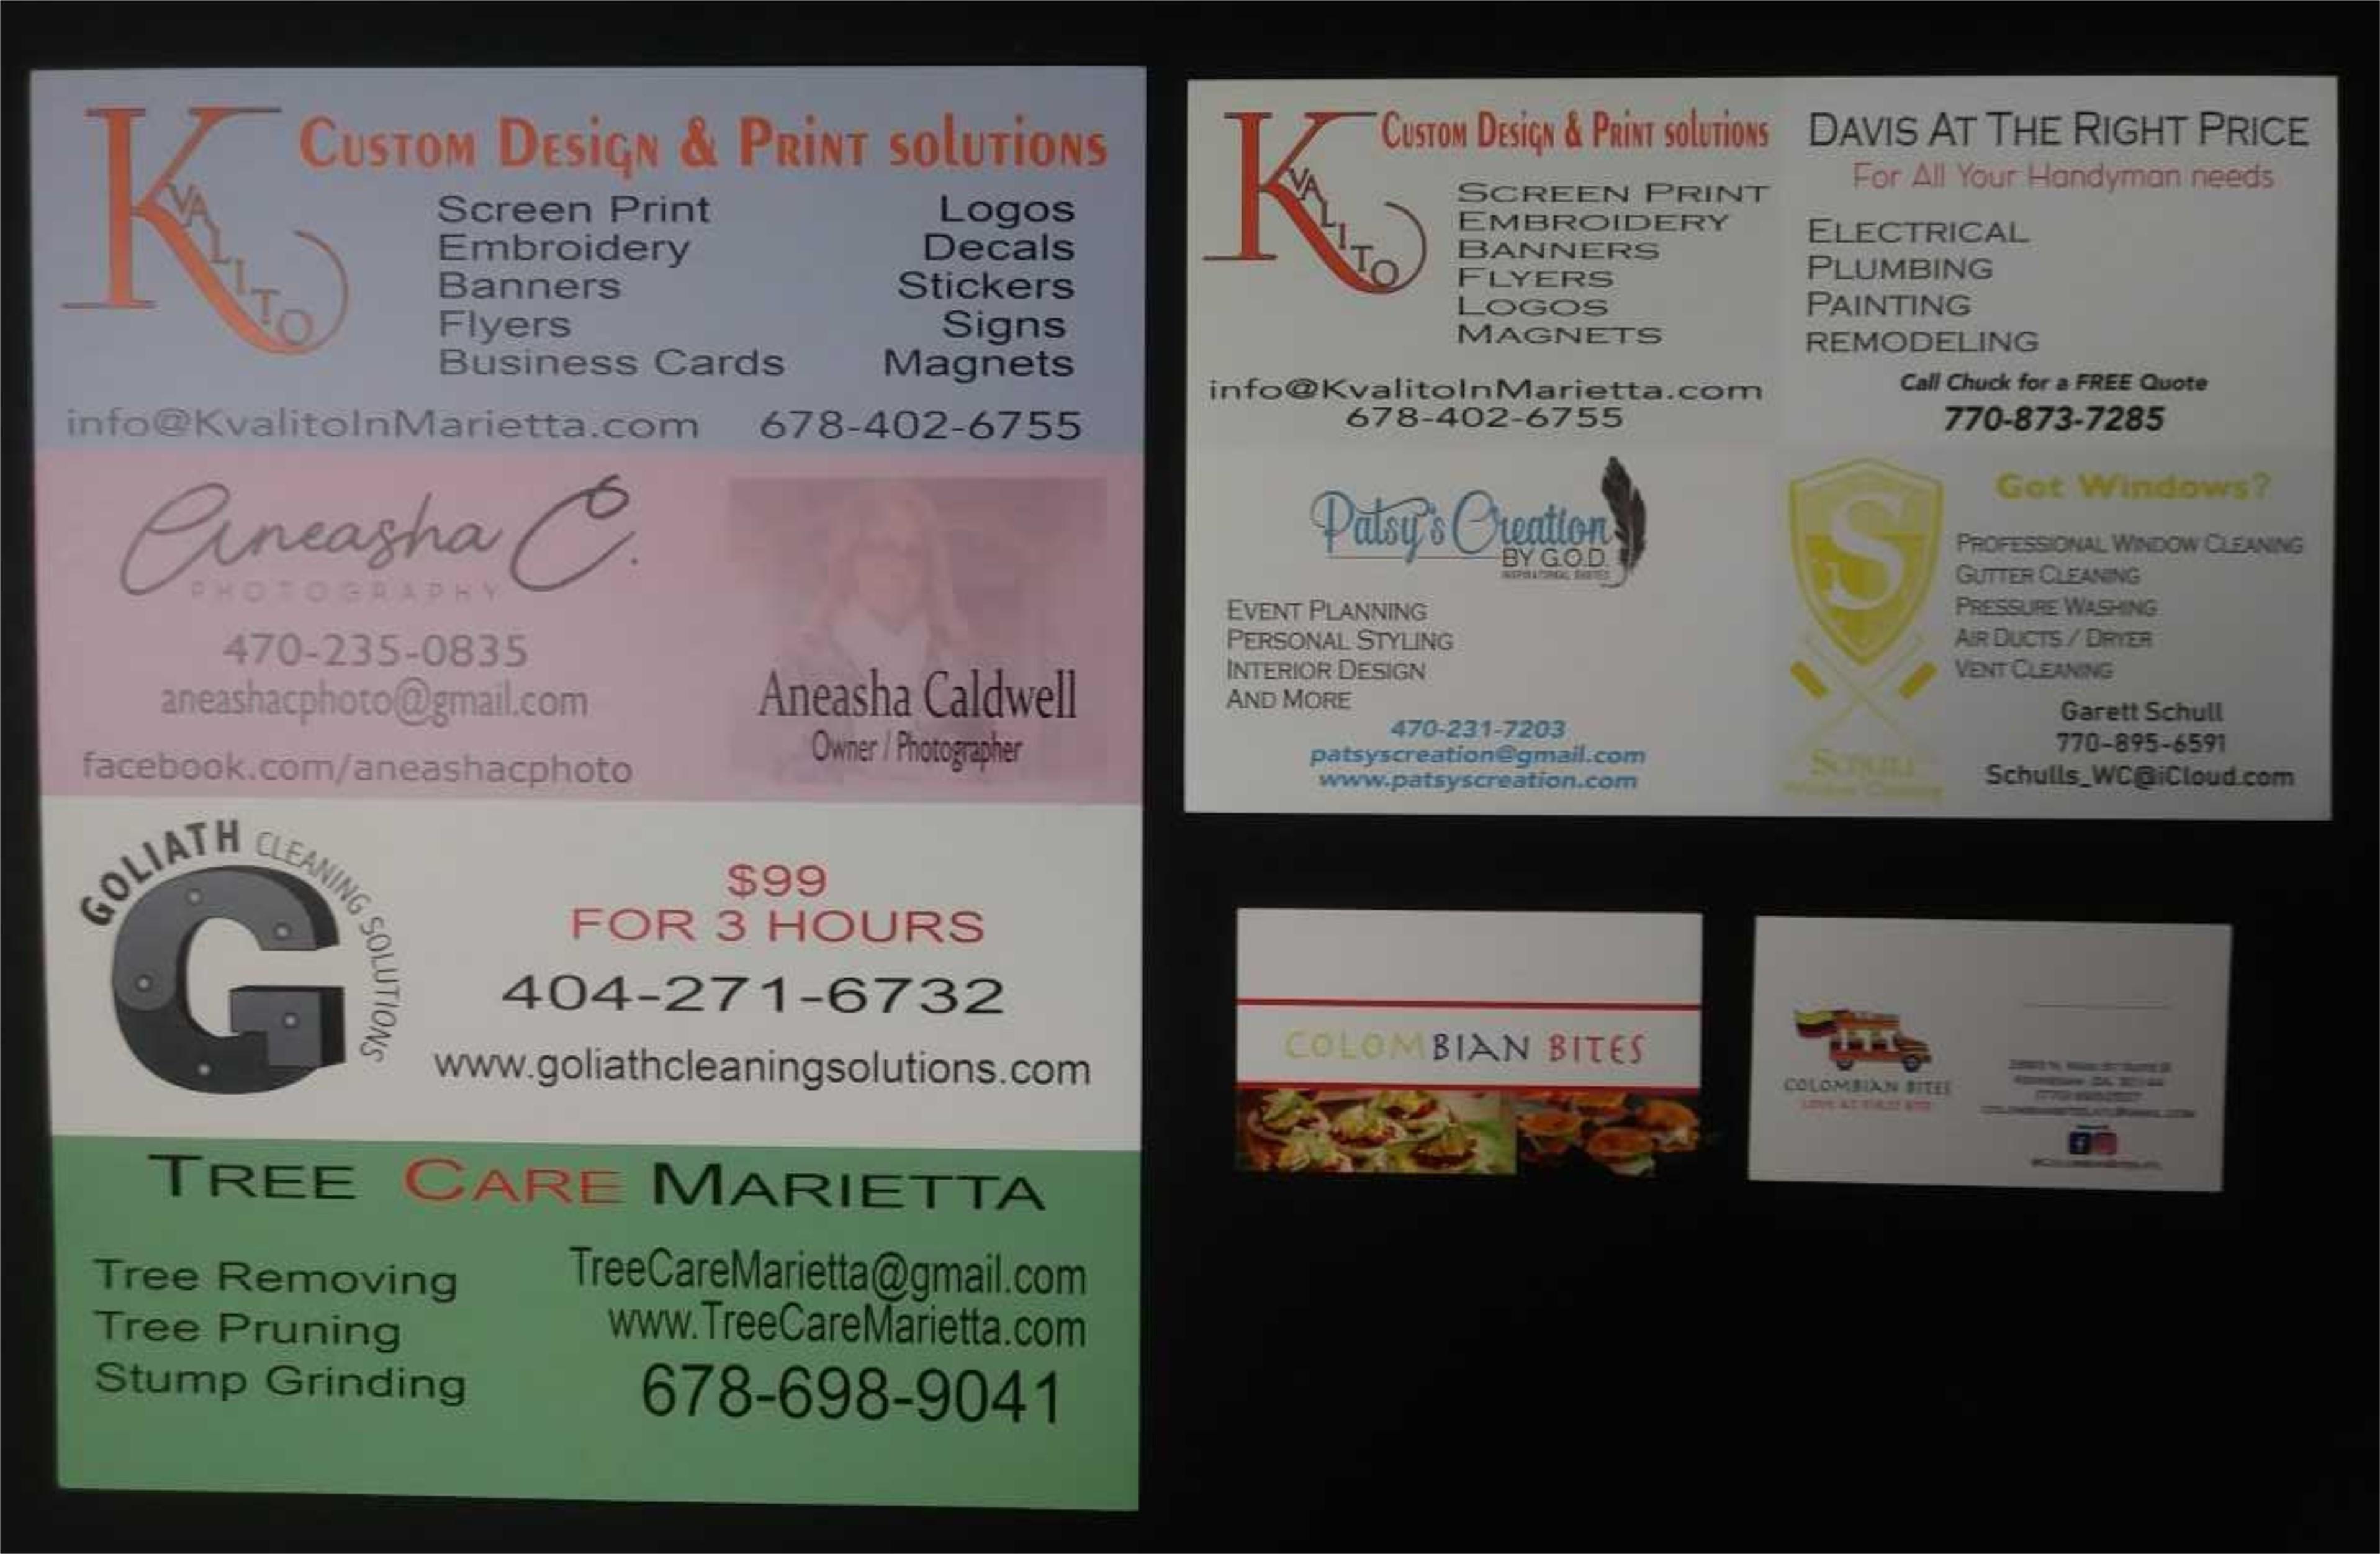 Kvalito offers Custom Design and Print solutions, check our Portfolio